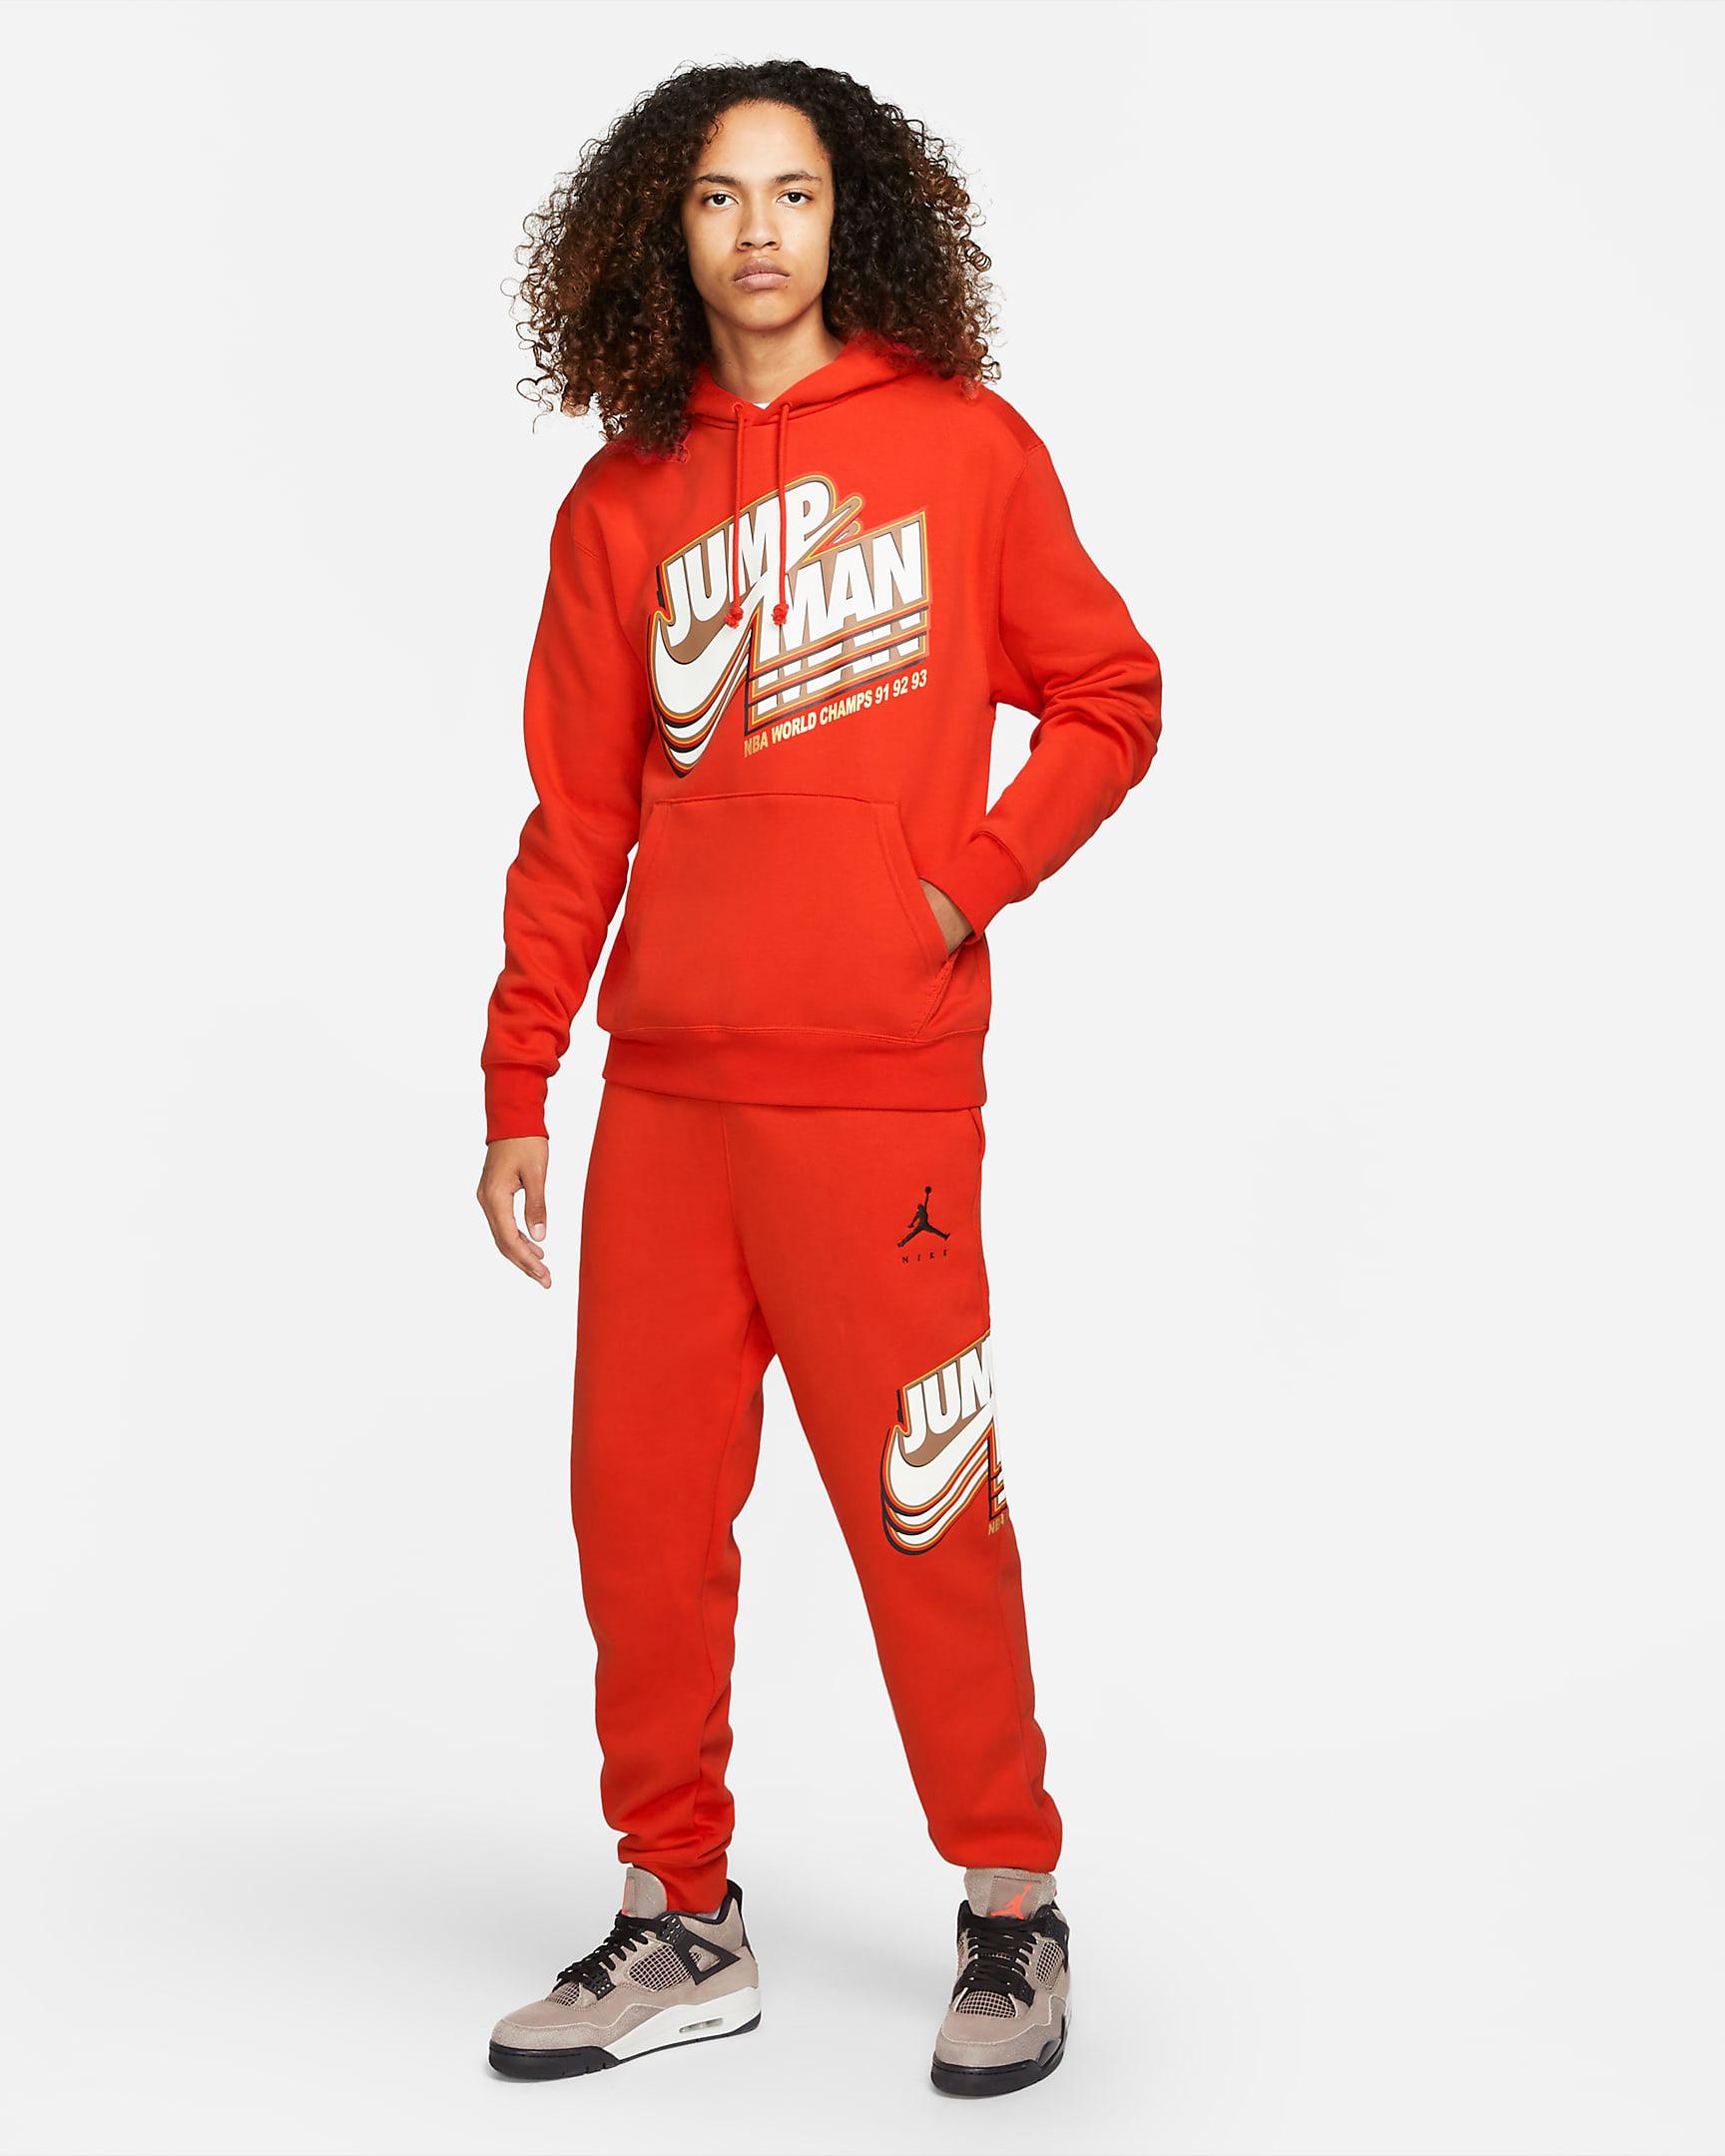 jordan-chile-red-jumpman-hoodie-pants-outfit